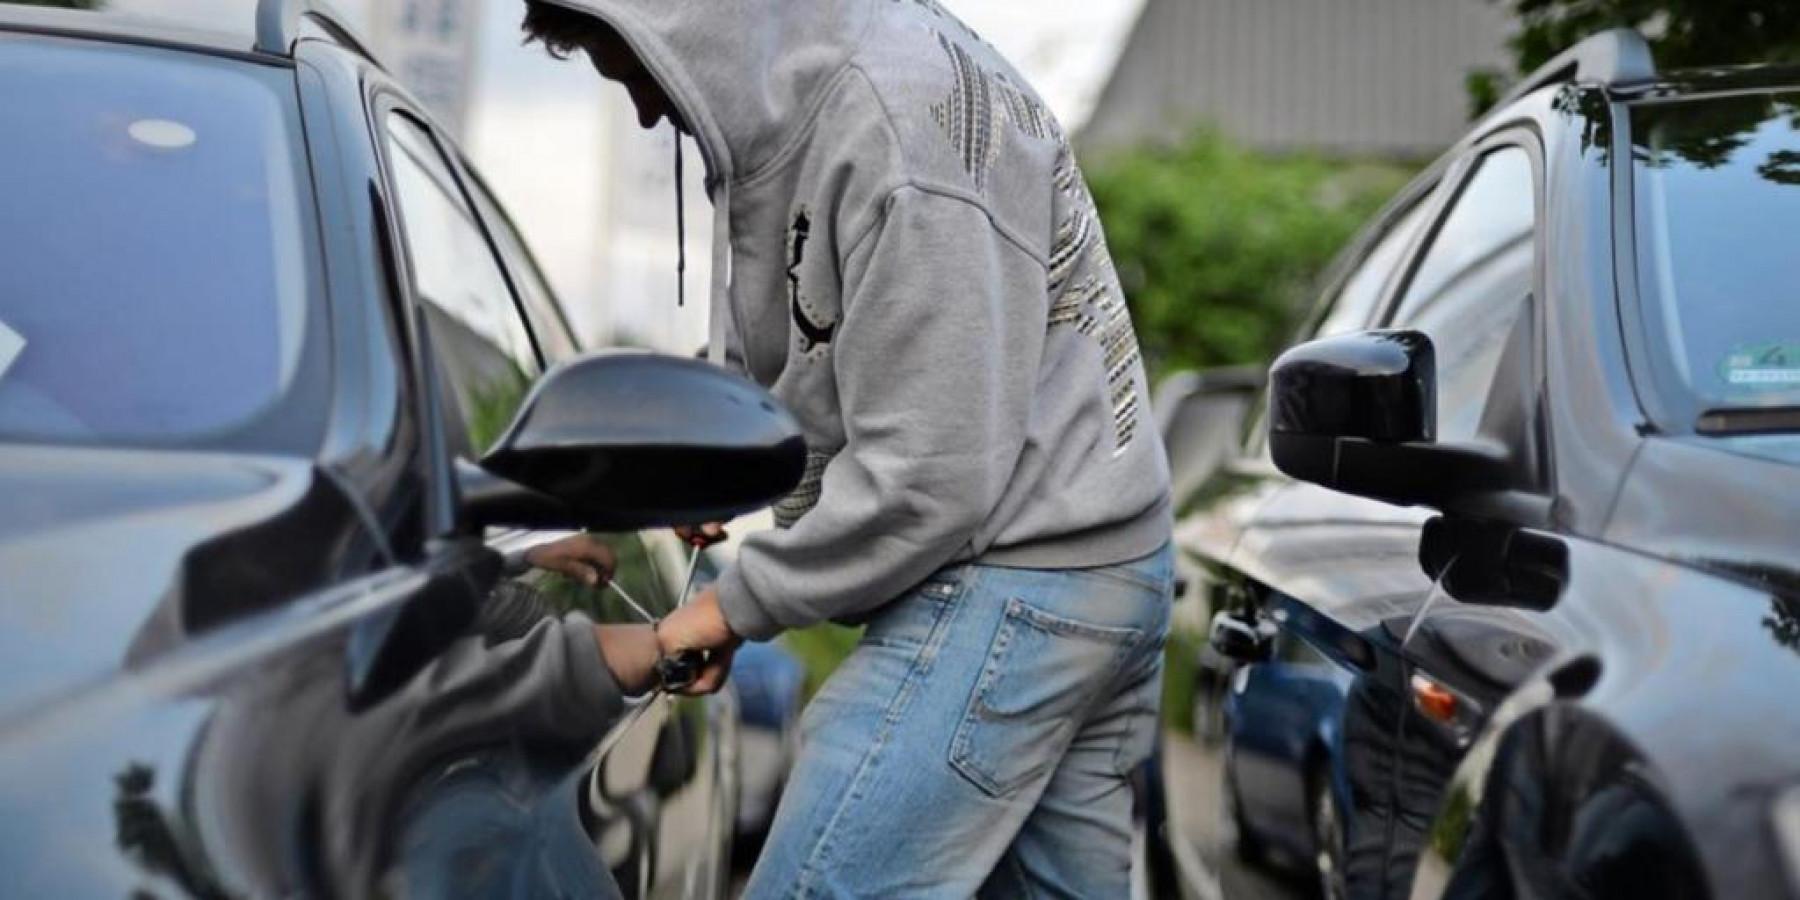 Unverschlossene Autotüren locken Straftäter an